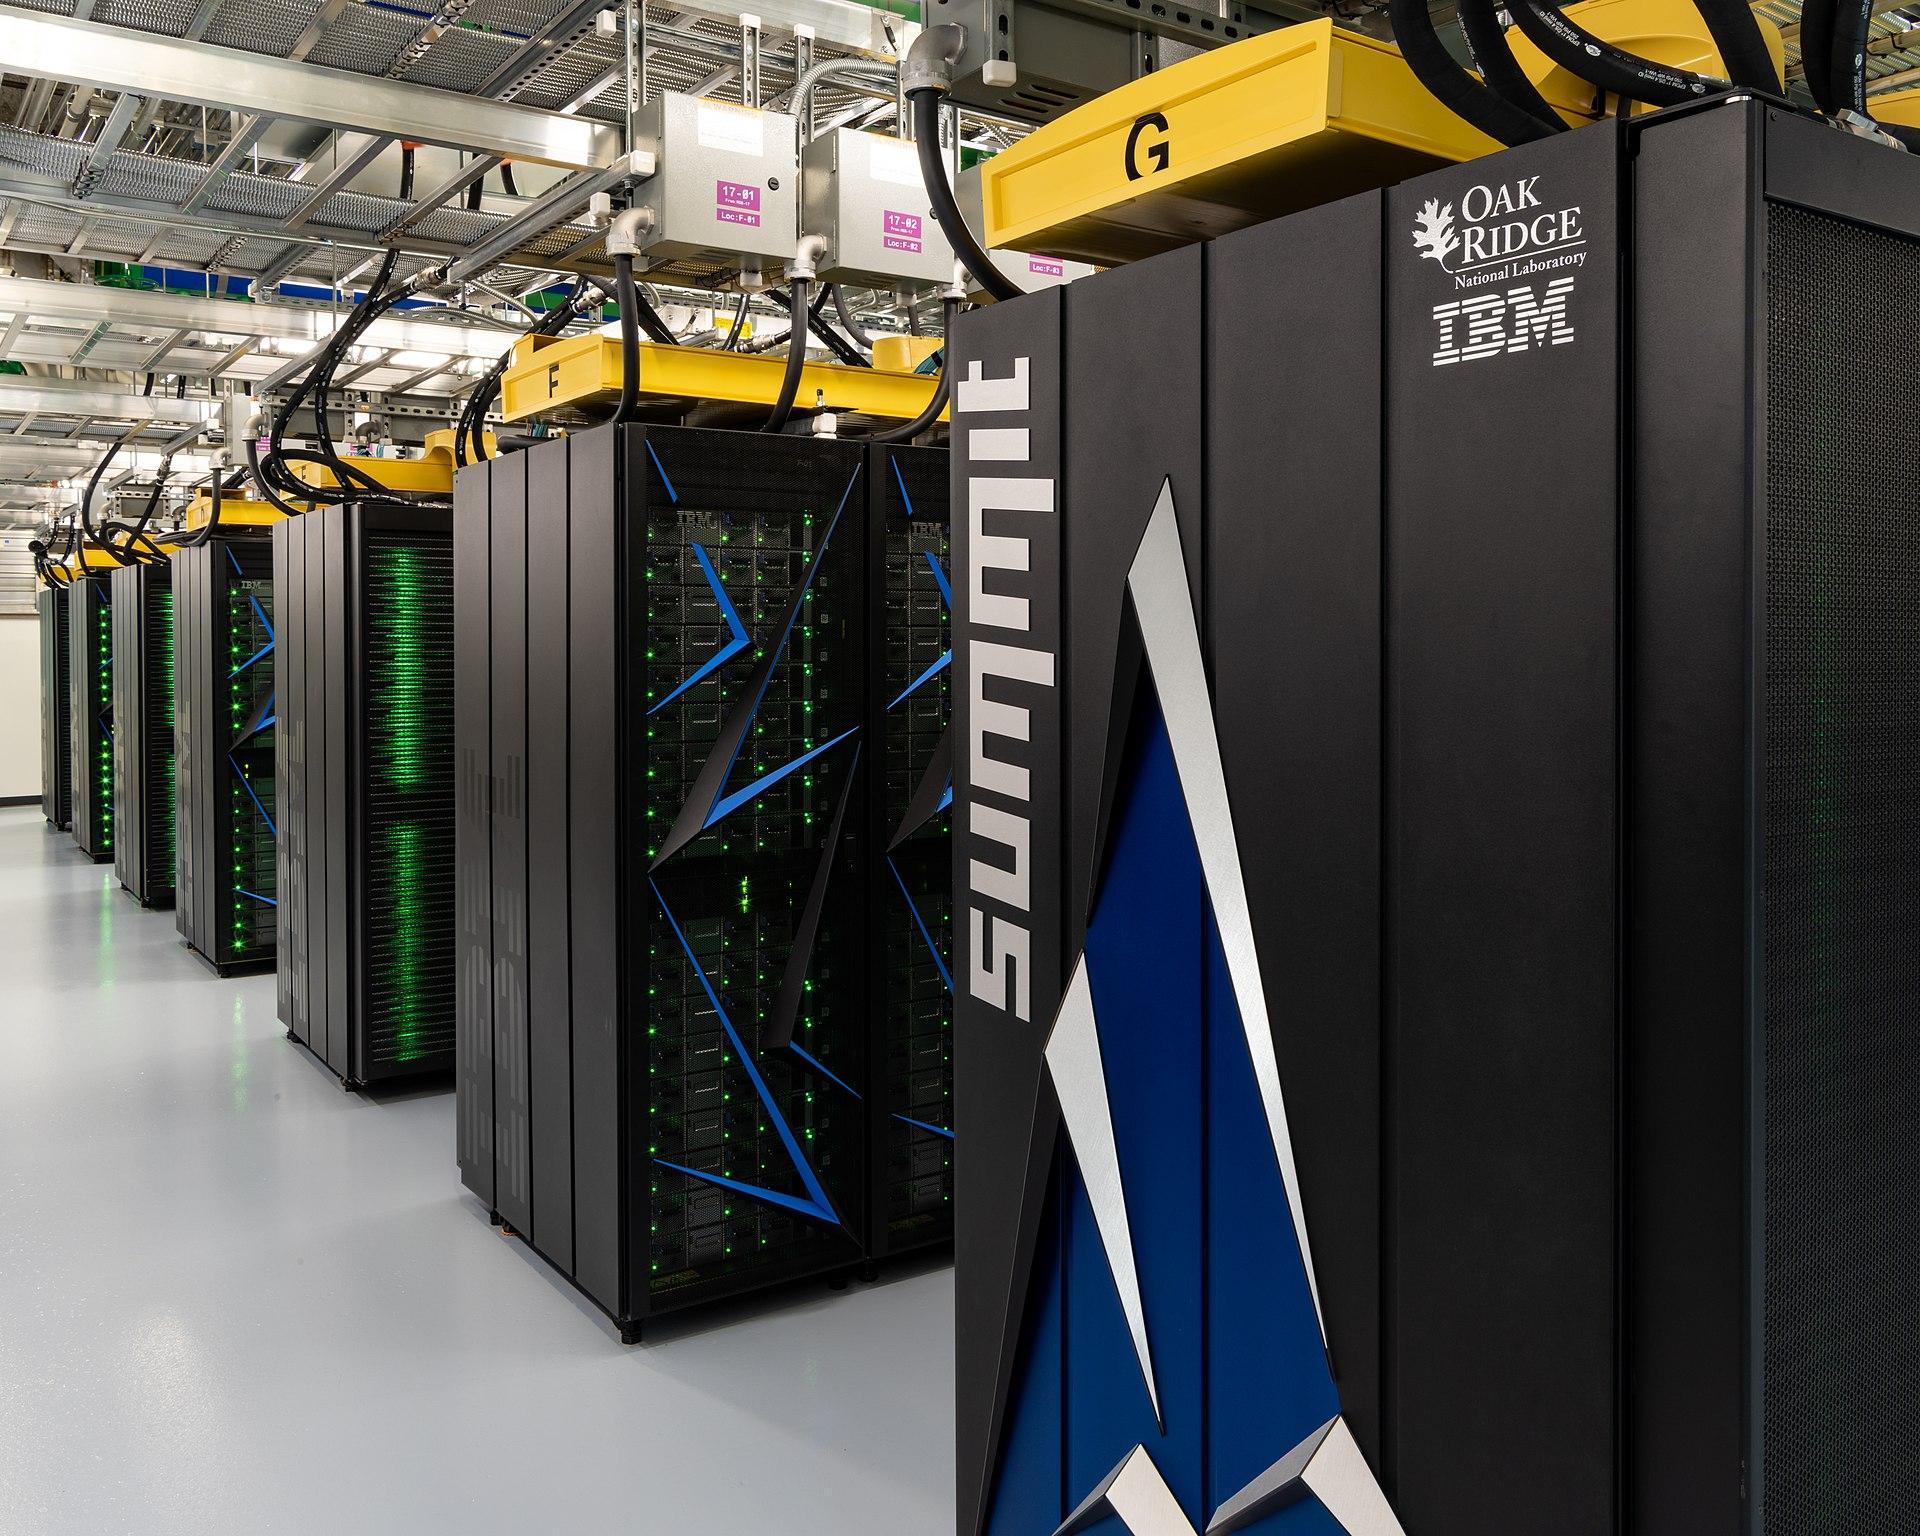 מחשב העל Summit. מתוך ויקיפדיה